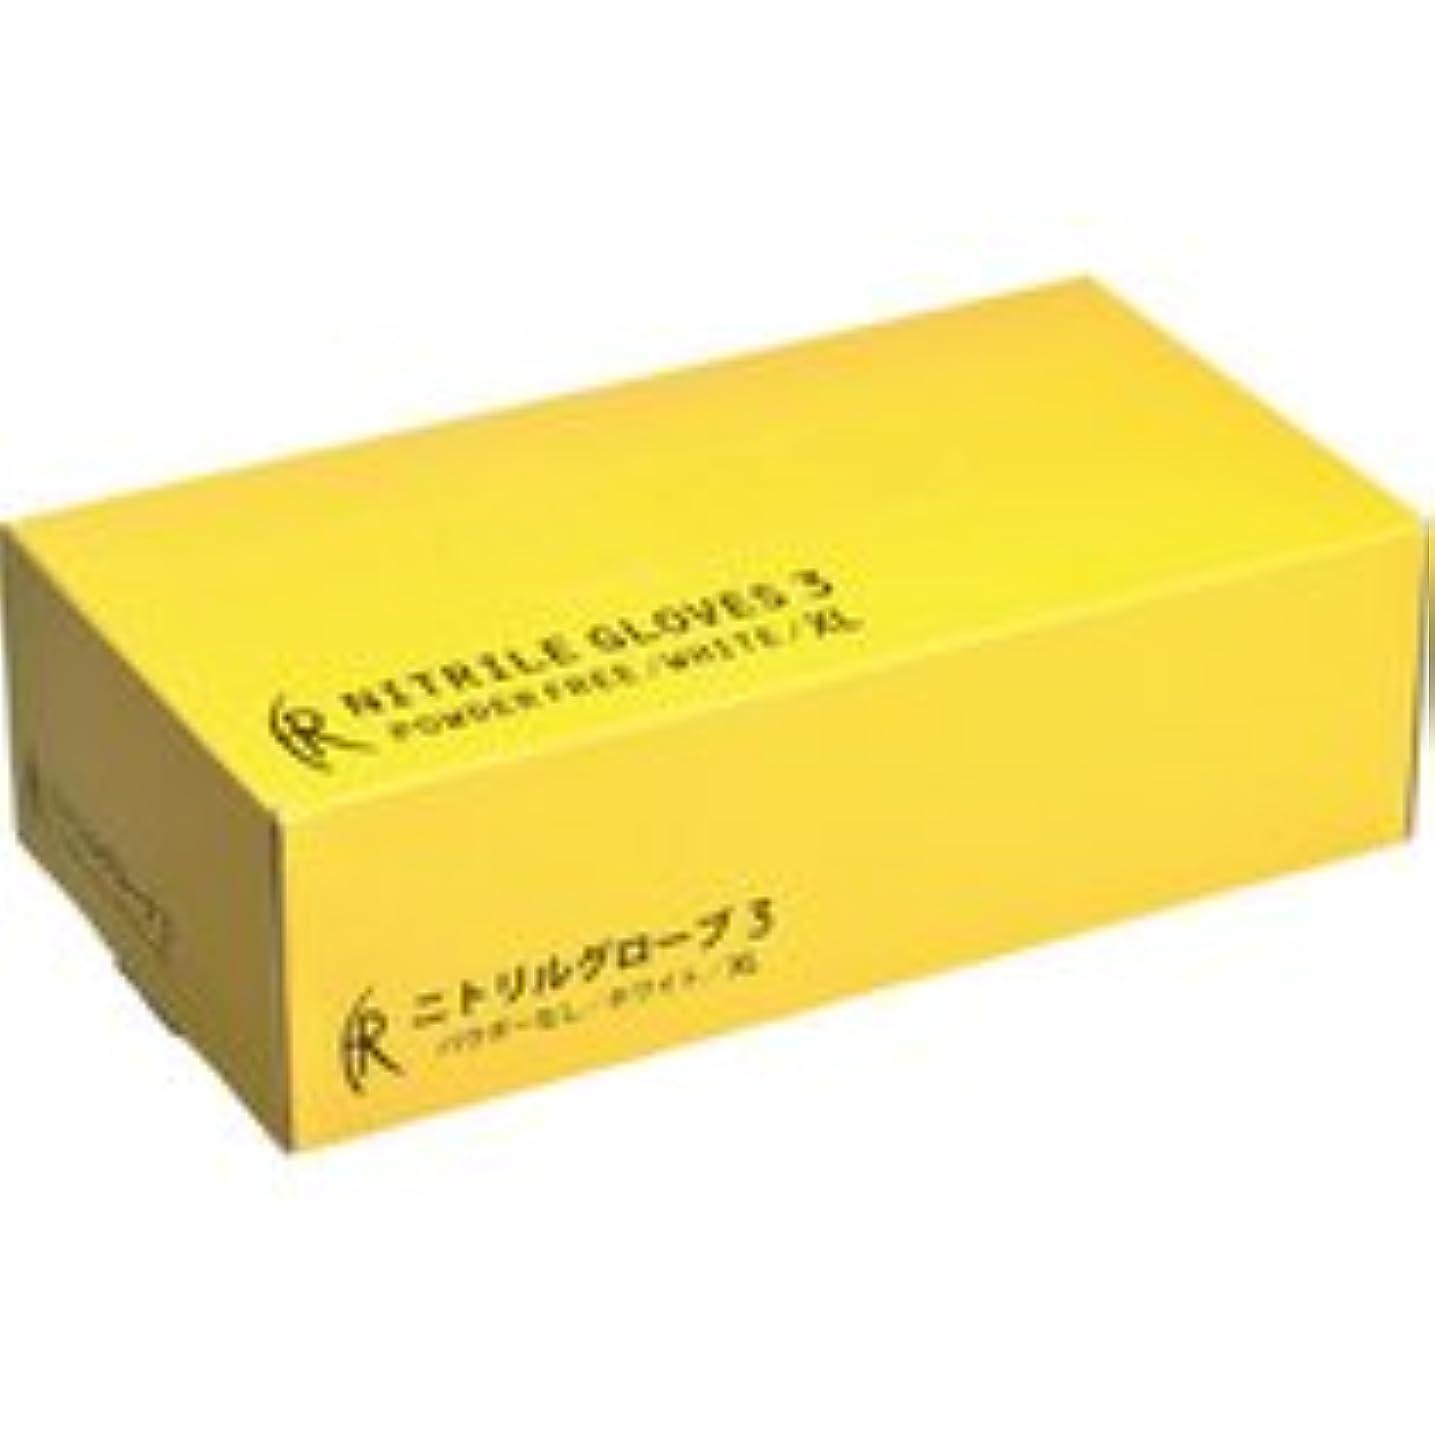 ケントクラス投げるファーストレイト ニトリルグローブ3 パウダーフリー XL FR-5559 1セット(2000枚:200枚×10箱)